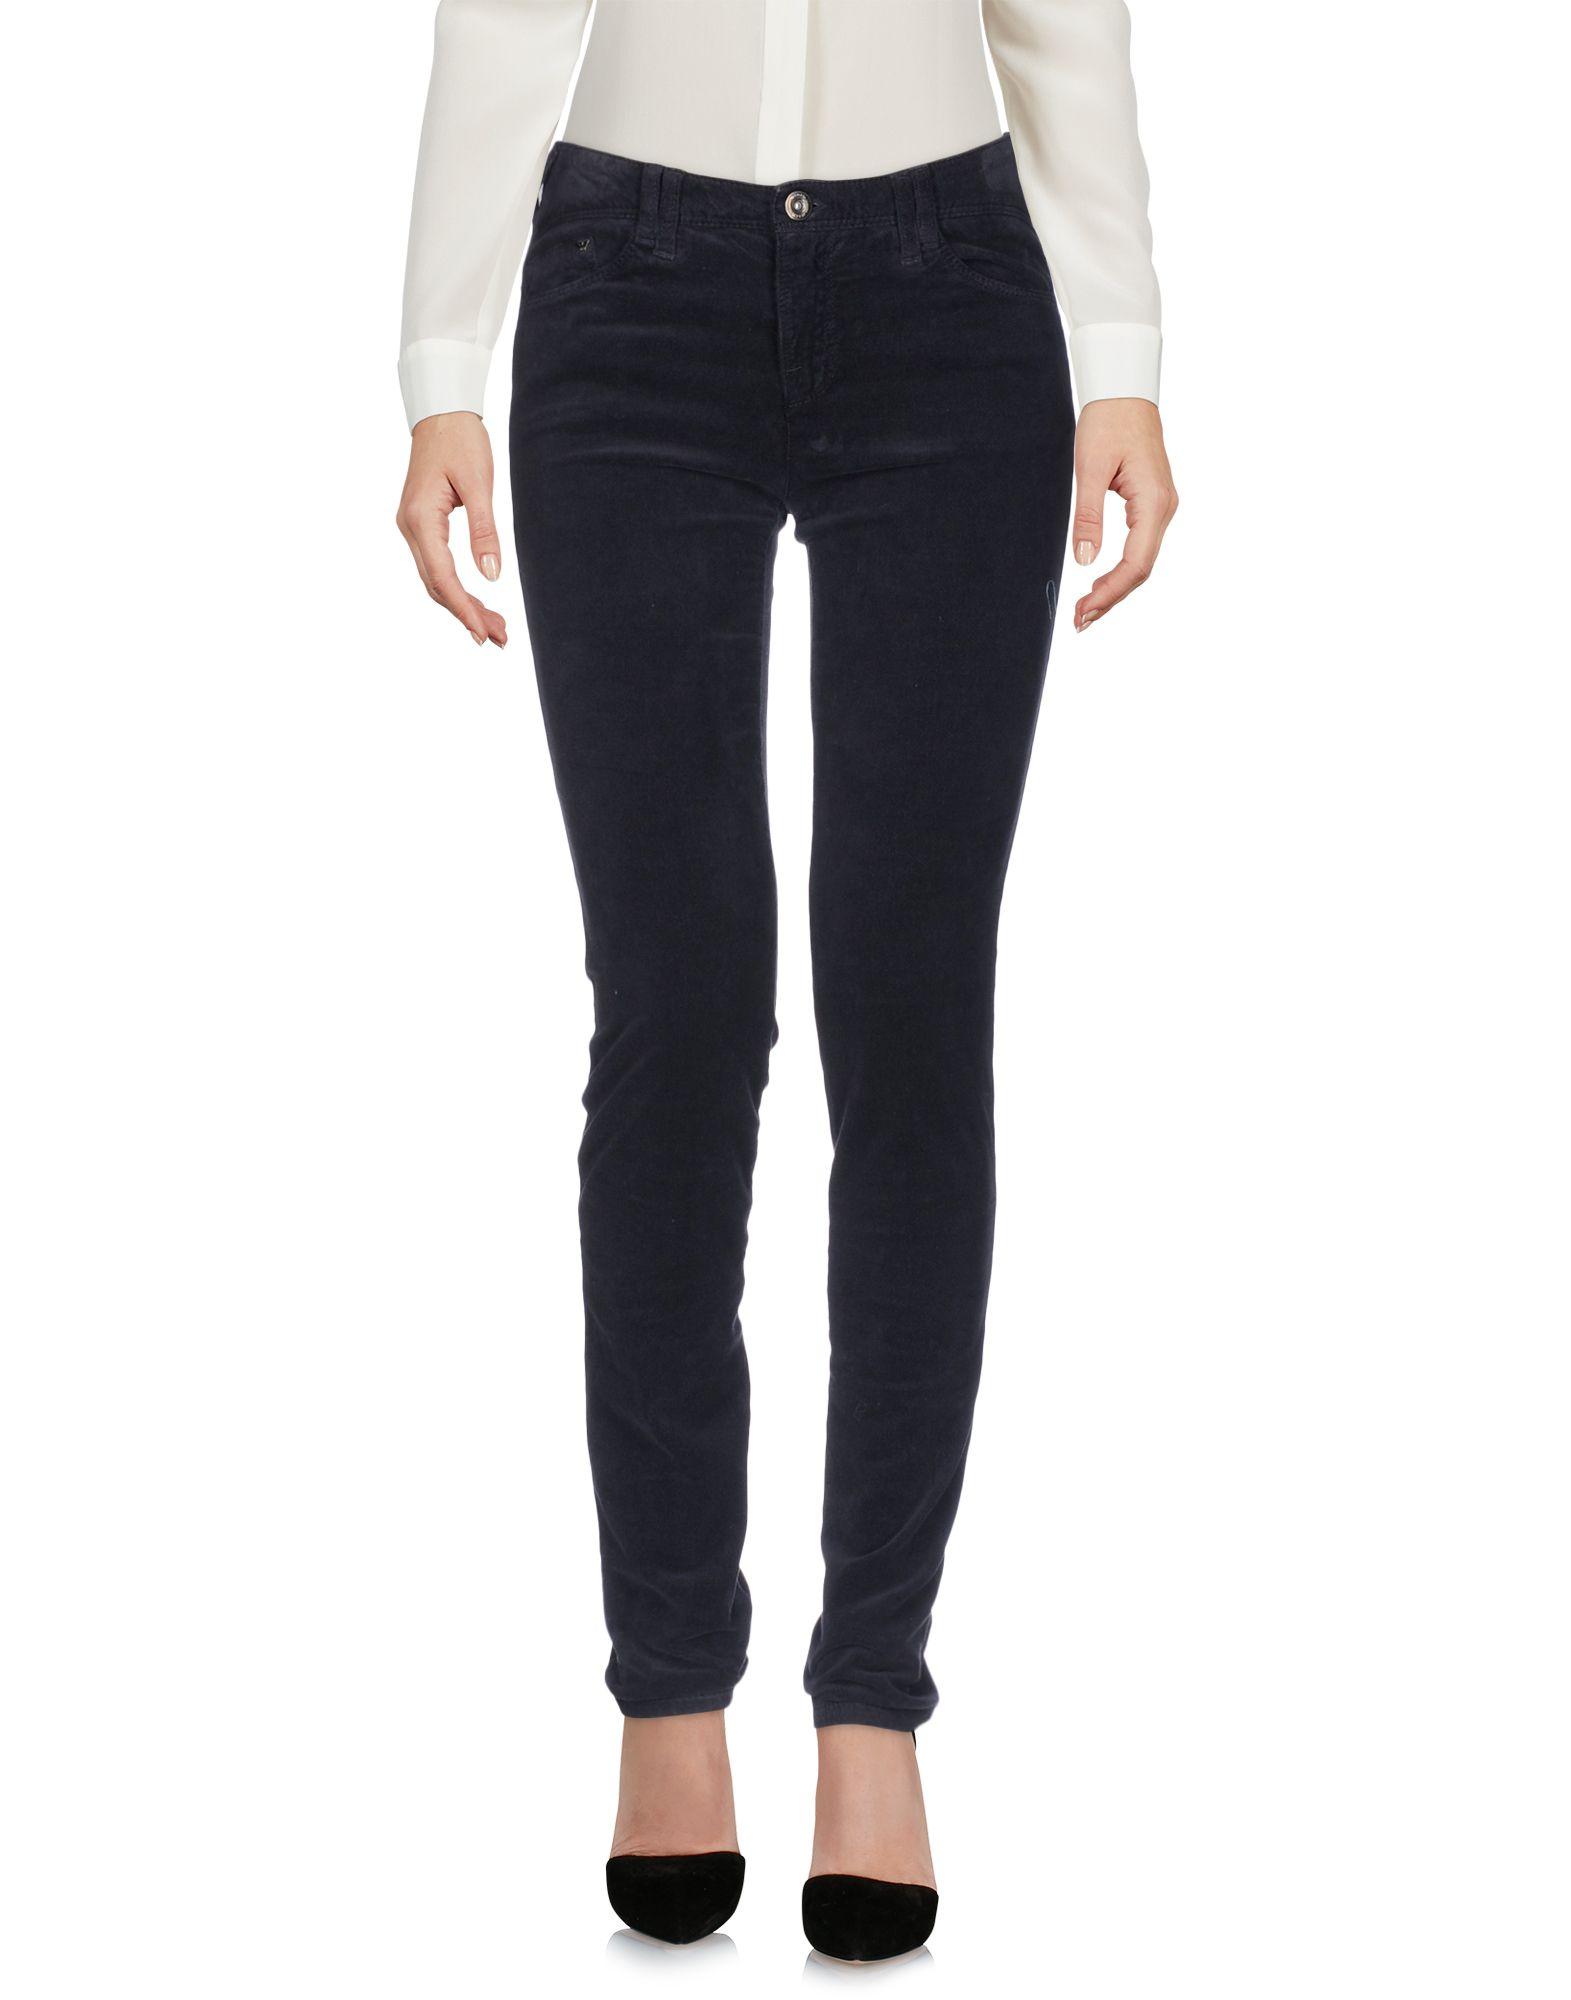 Pantalone Armani Jeans Donna - Acquista online su